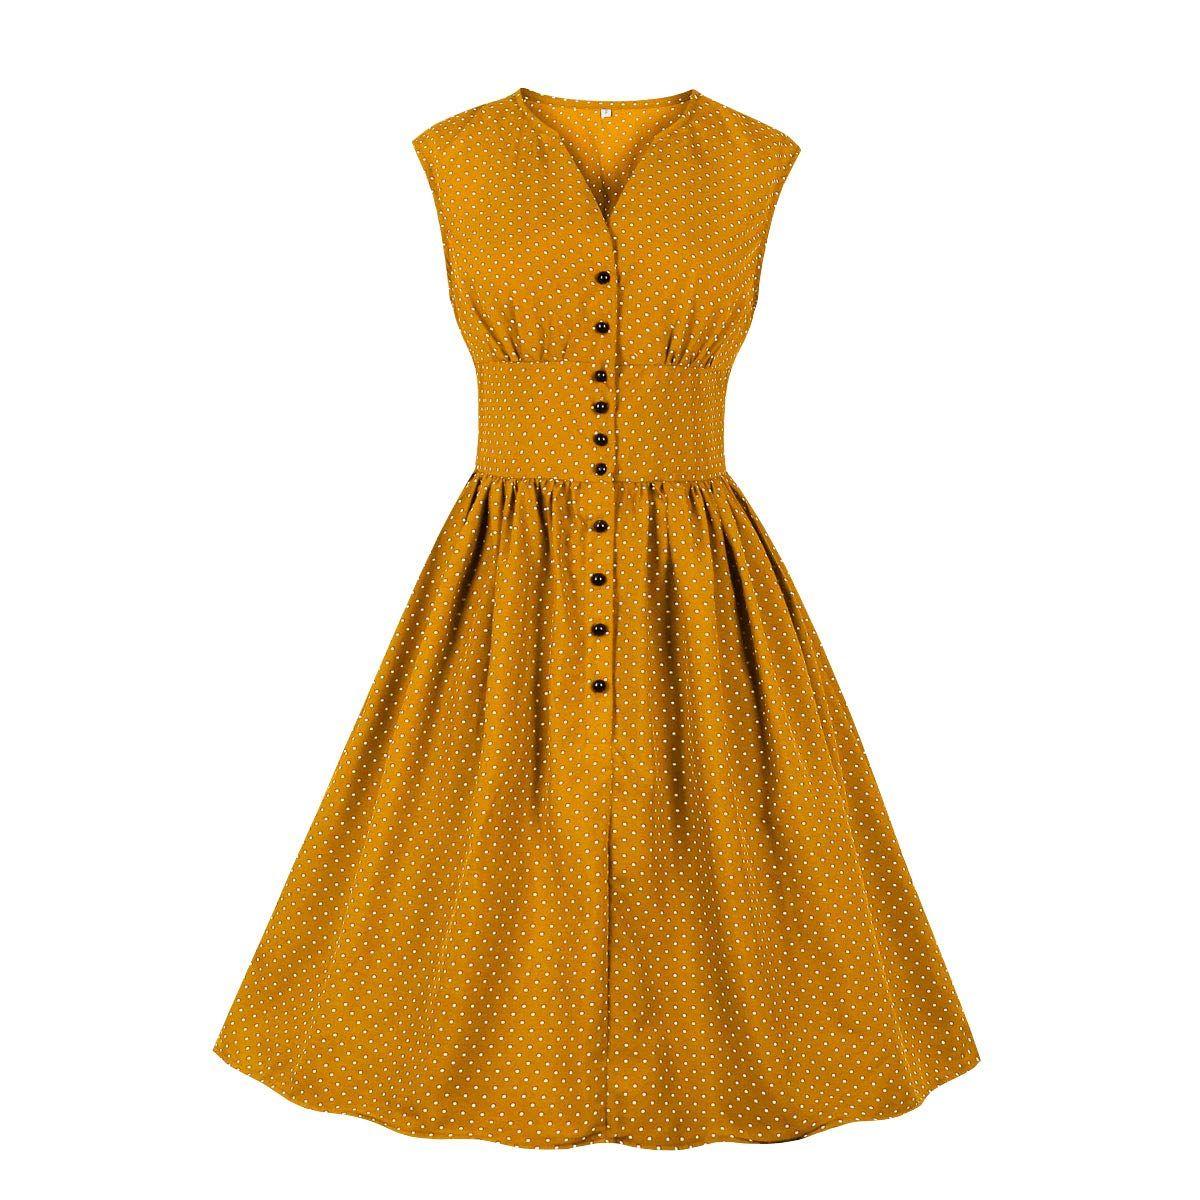 Wellwits Womens Split Neck Floral Button 1940s Day 1950s Vintage Tea Dress